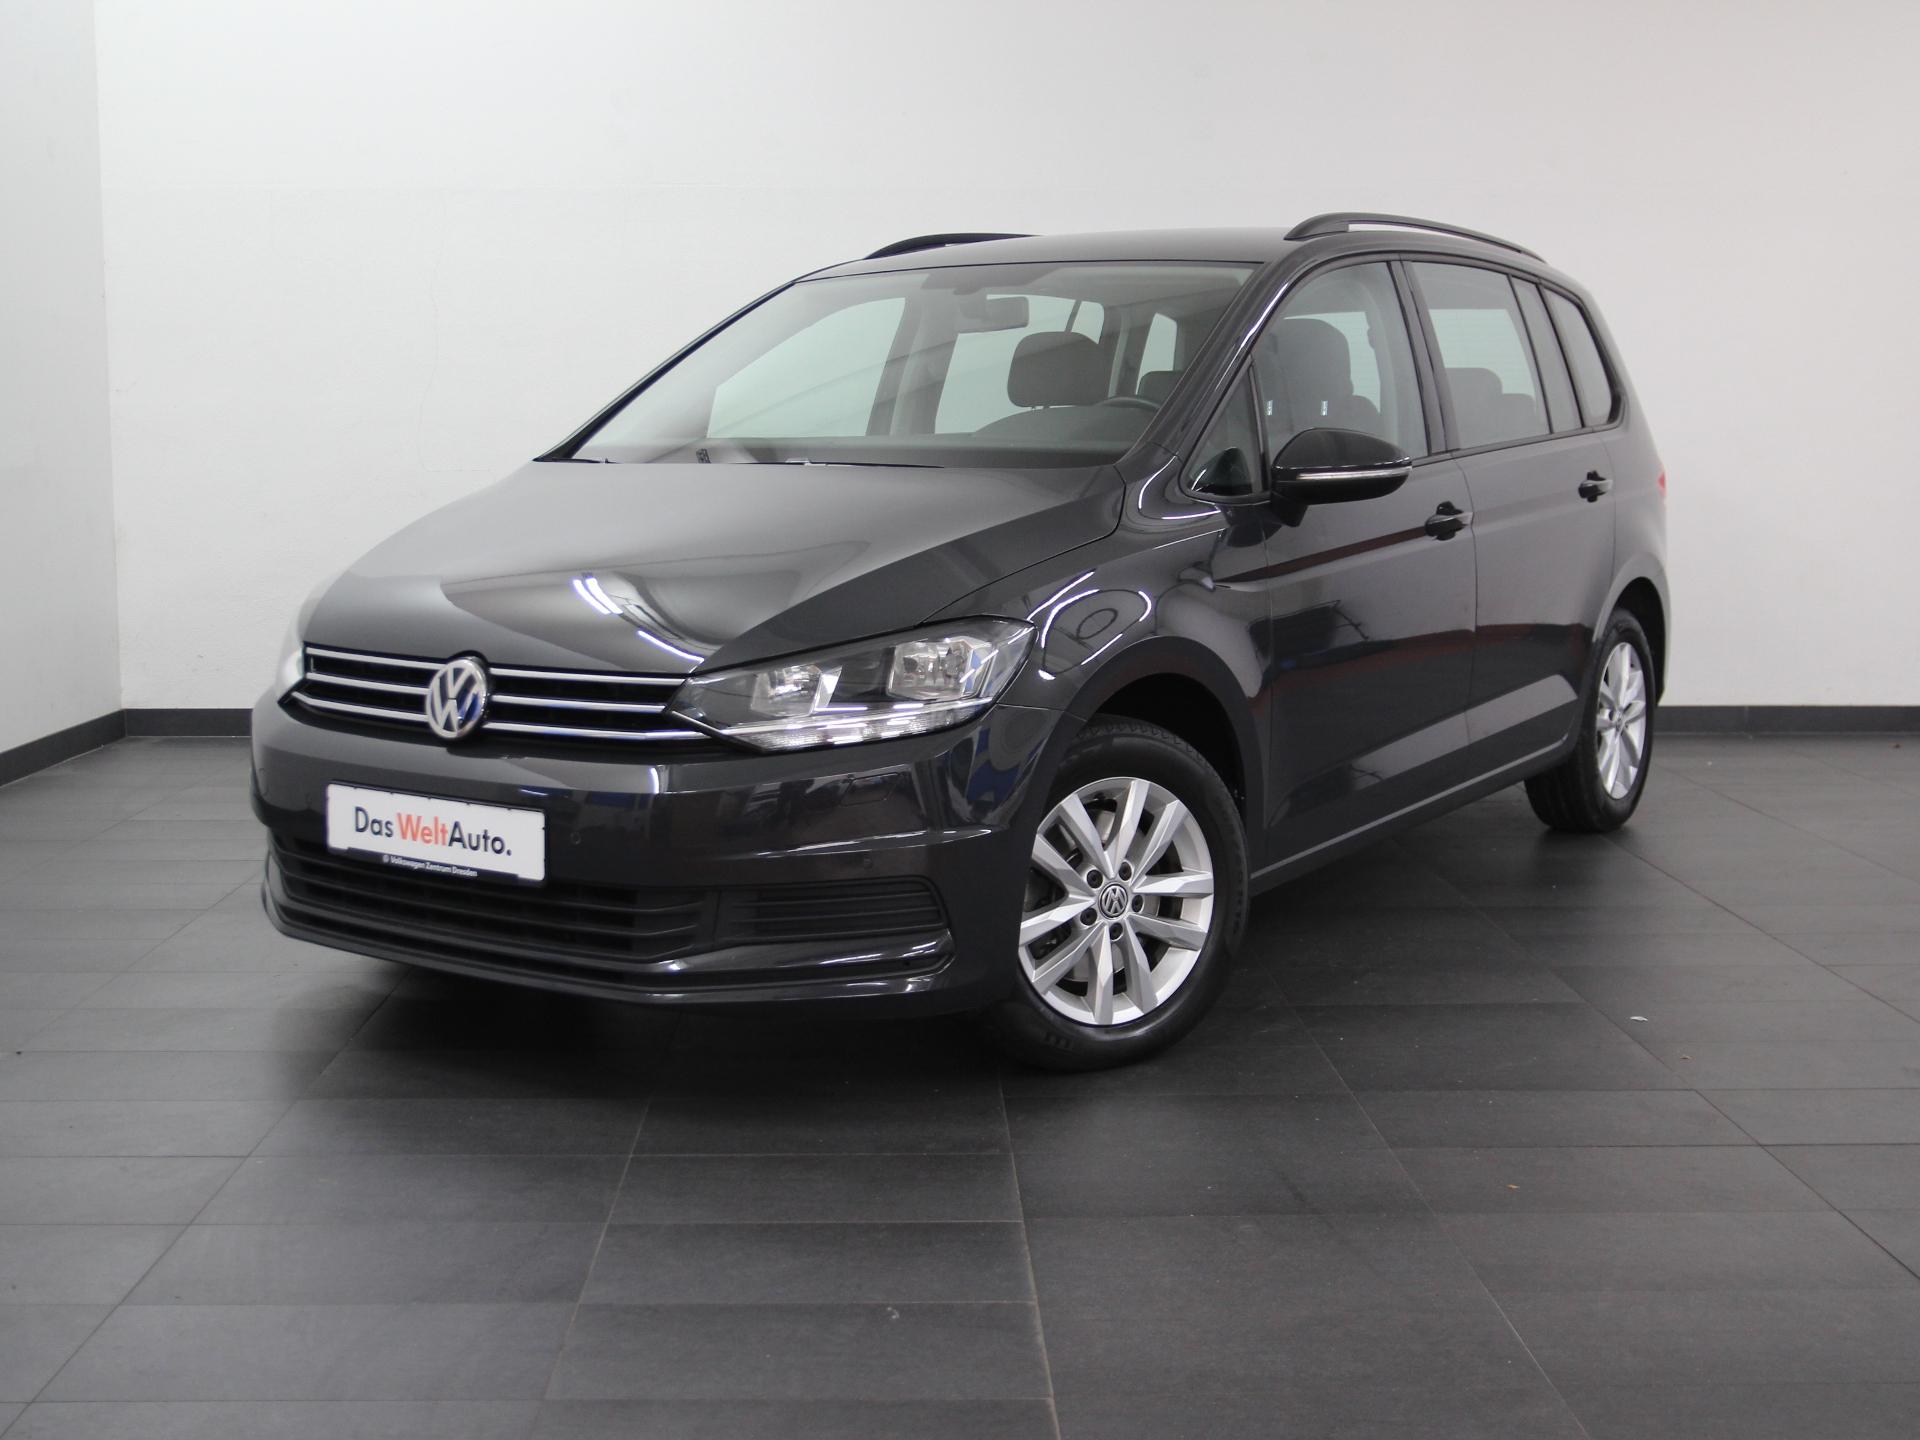 Volkswagen Touran Comfortline NAVI GRA SHZ PDC ab 2,99%, Jahr 2016, Diesel